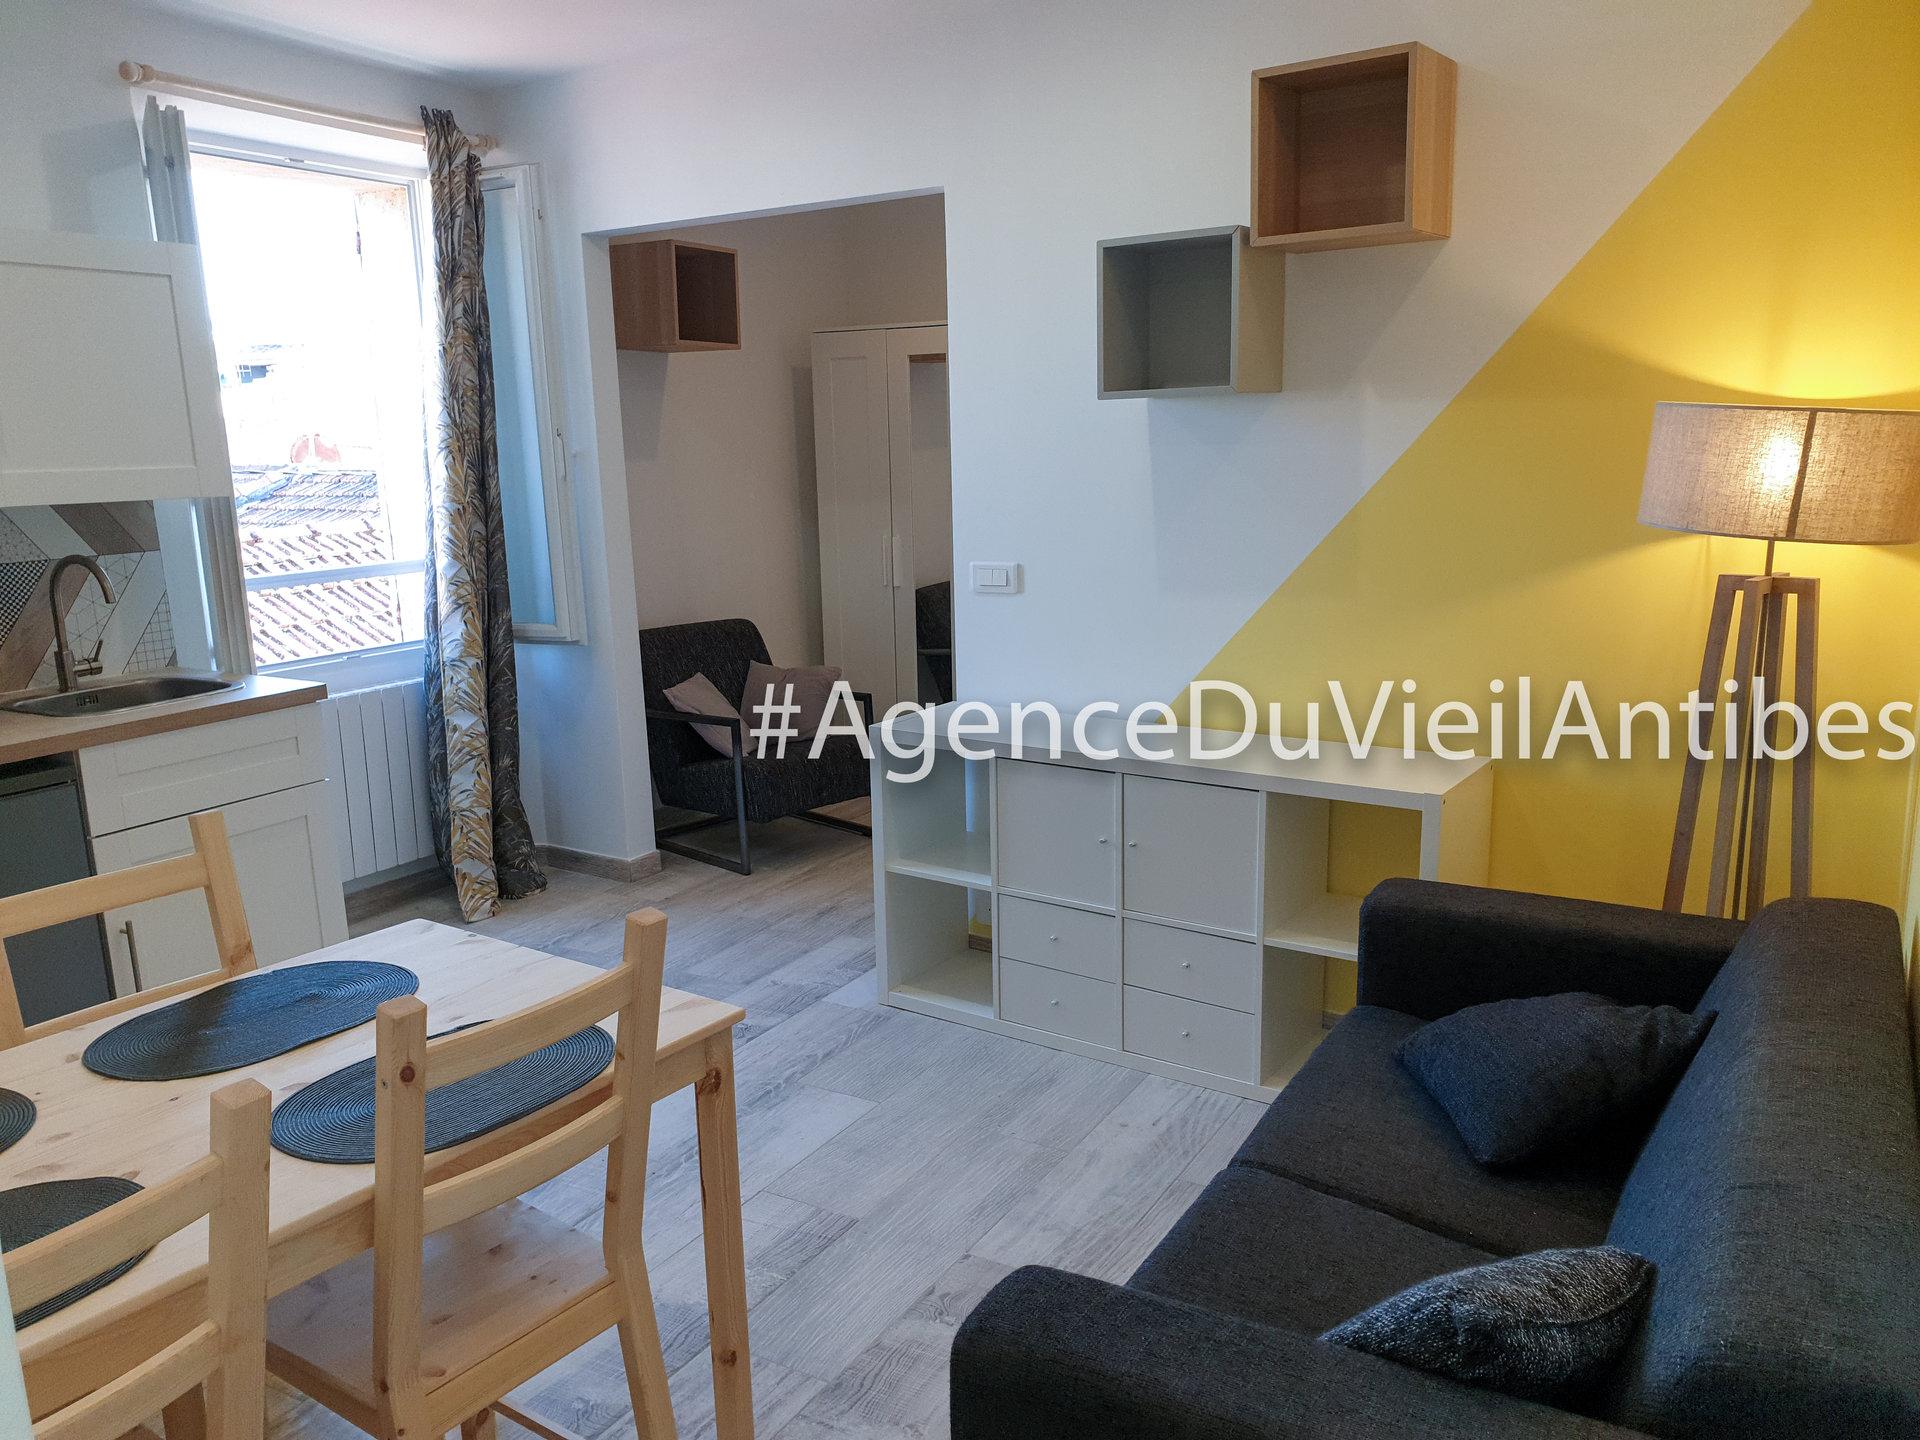 2p 3p 4p Antibes appartement appartement de caractère immobilier location maison de village pierres apparentes studio vente vieil antibes villa